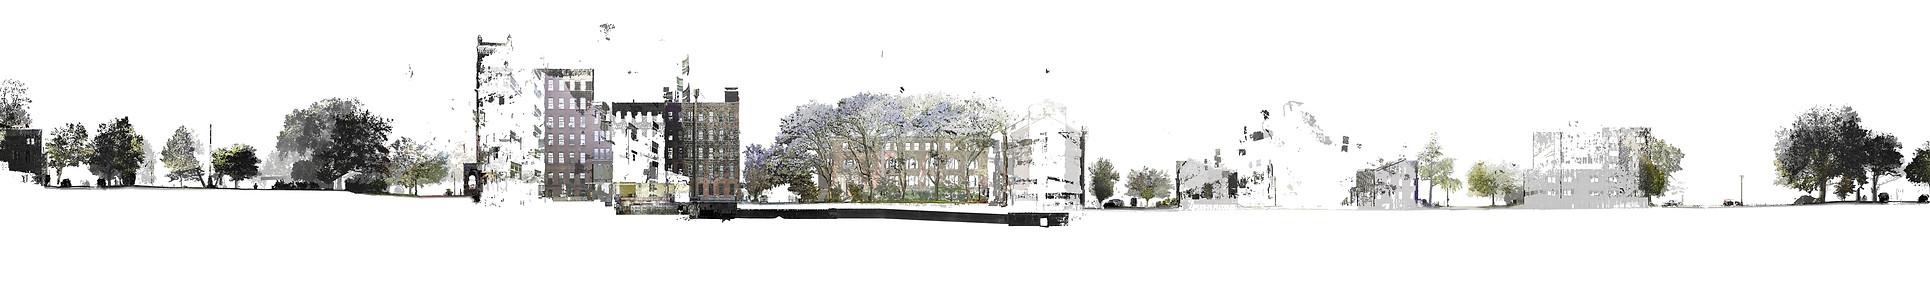 Pratt_Brooklyn_Campus_Section9.jpg